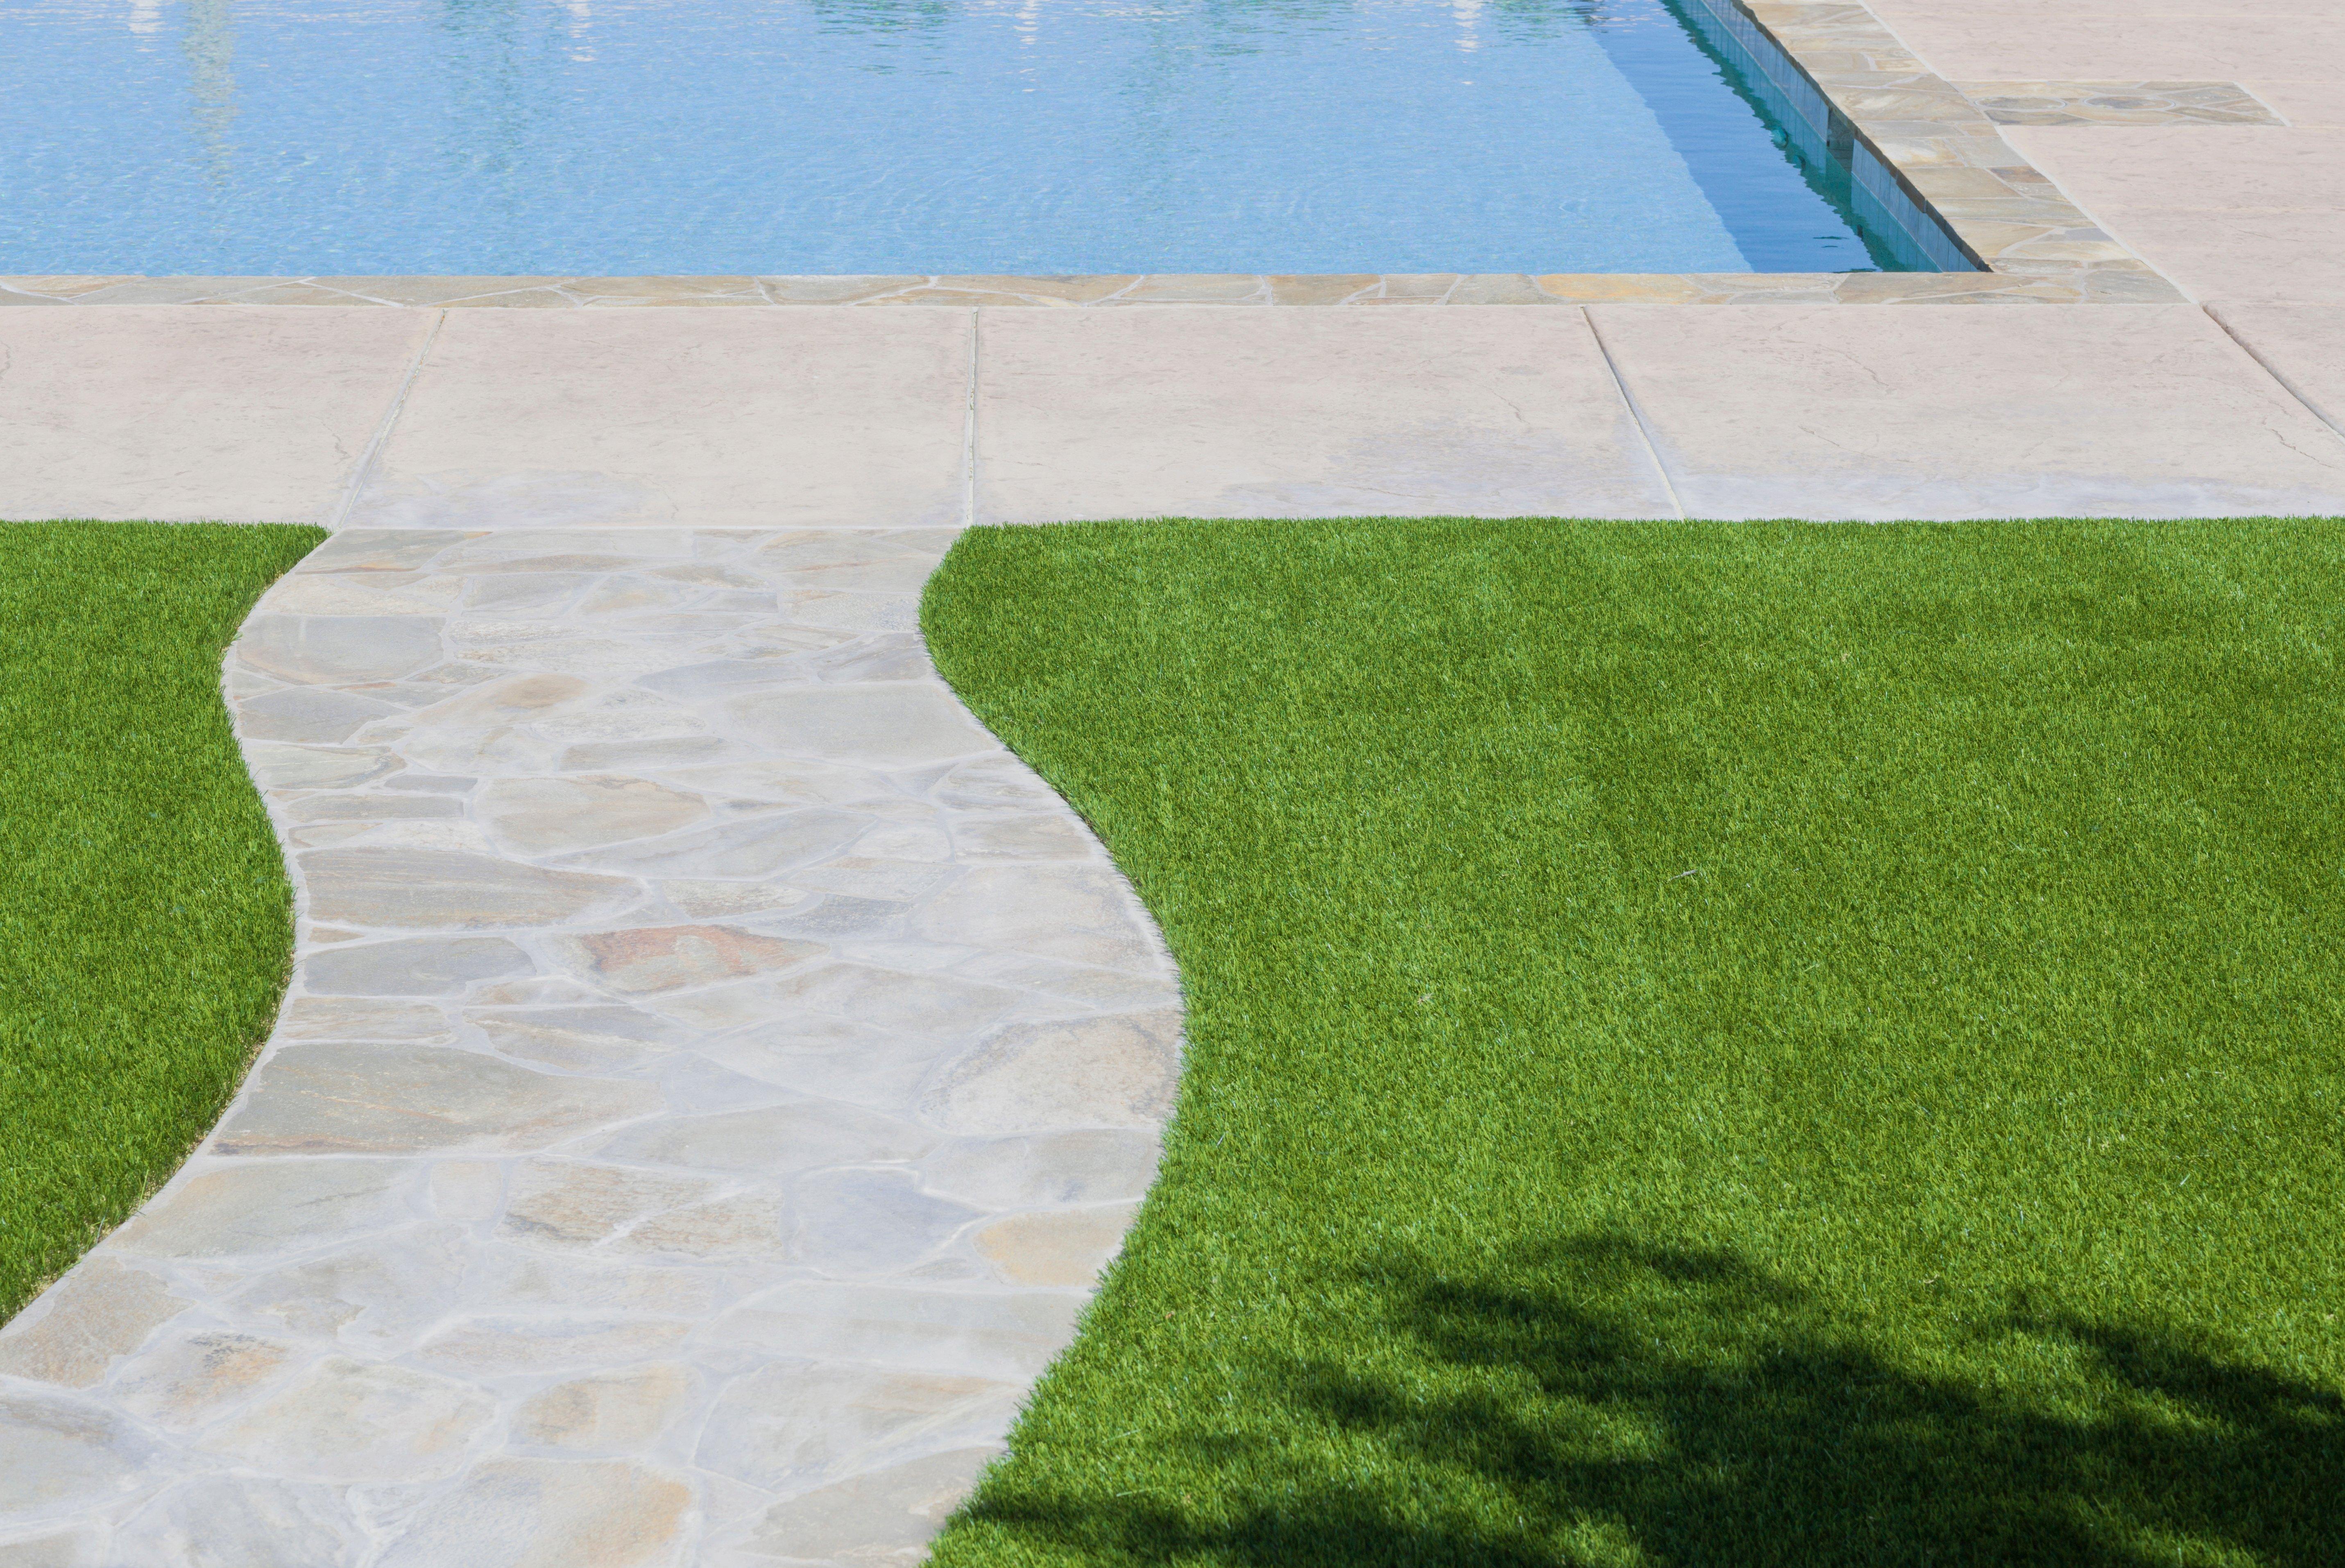 Tour De Piscine Gazon Synthetique quel gazon synthétique choisir autour de sa piscine ?